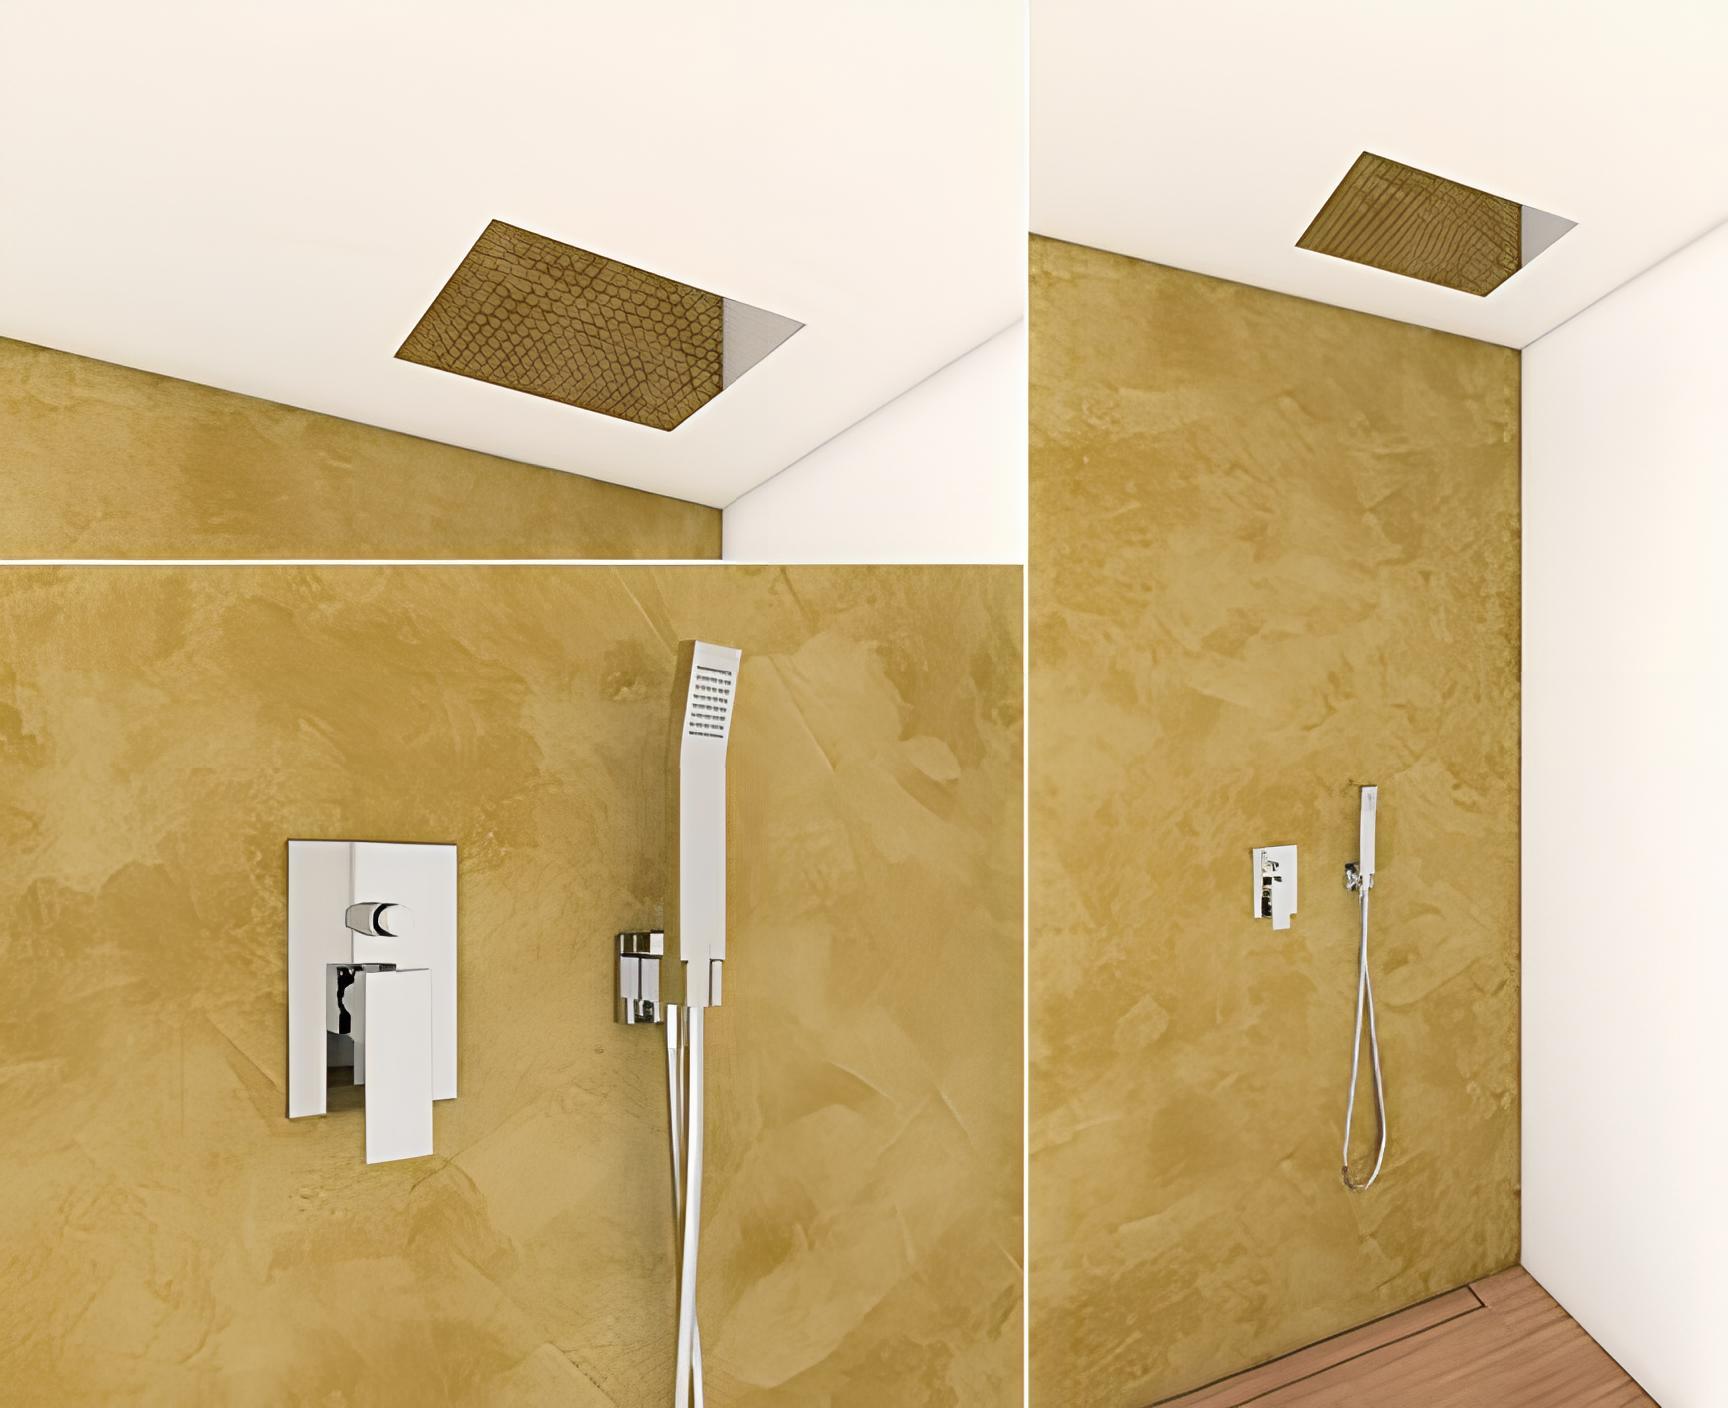 dusch set 750 hebel unterputz mit eingebautem duschkopf aus edelstahl 330x480mm und handbrause. Black Bedroom Furniture Sets. Home Design Ideas